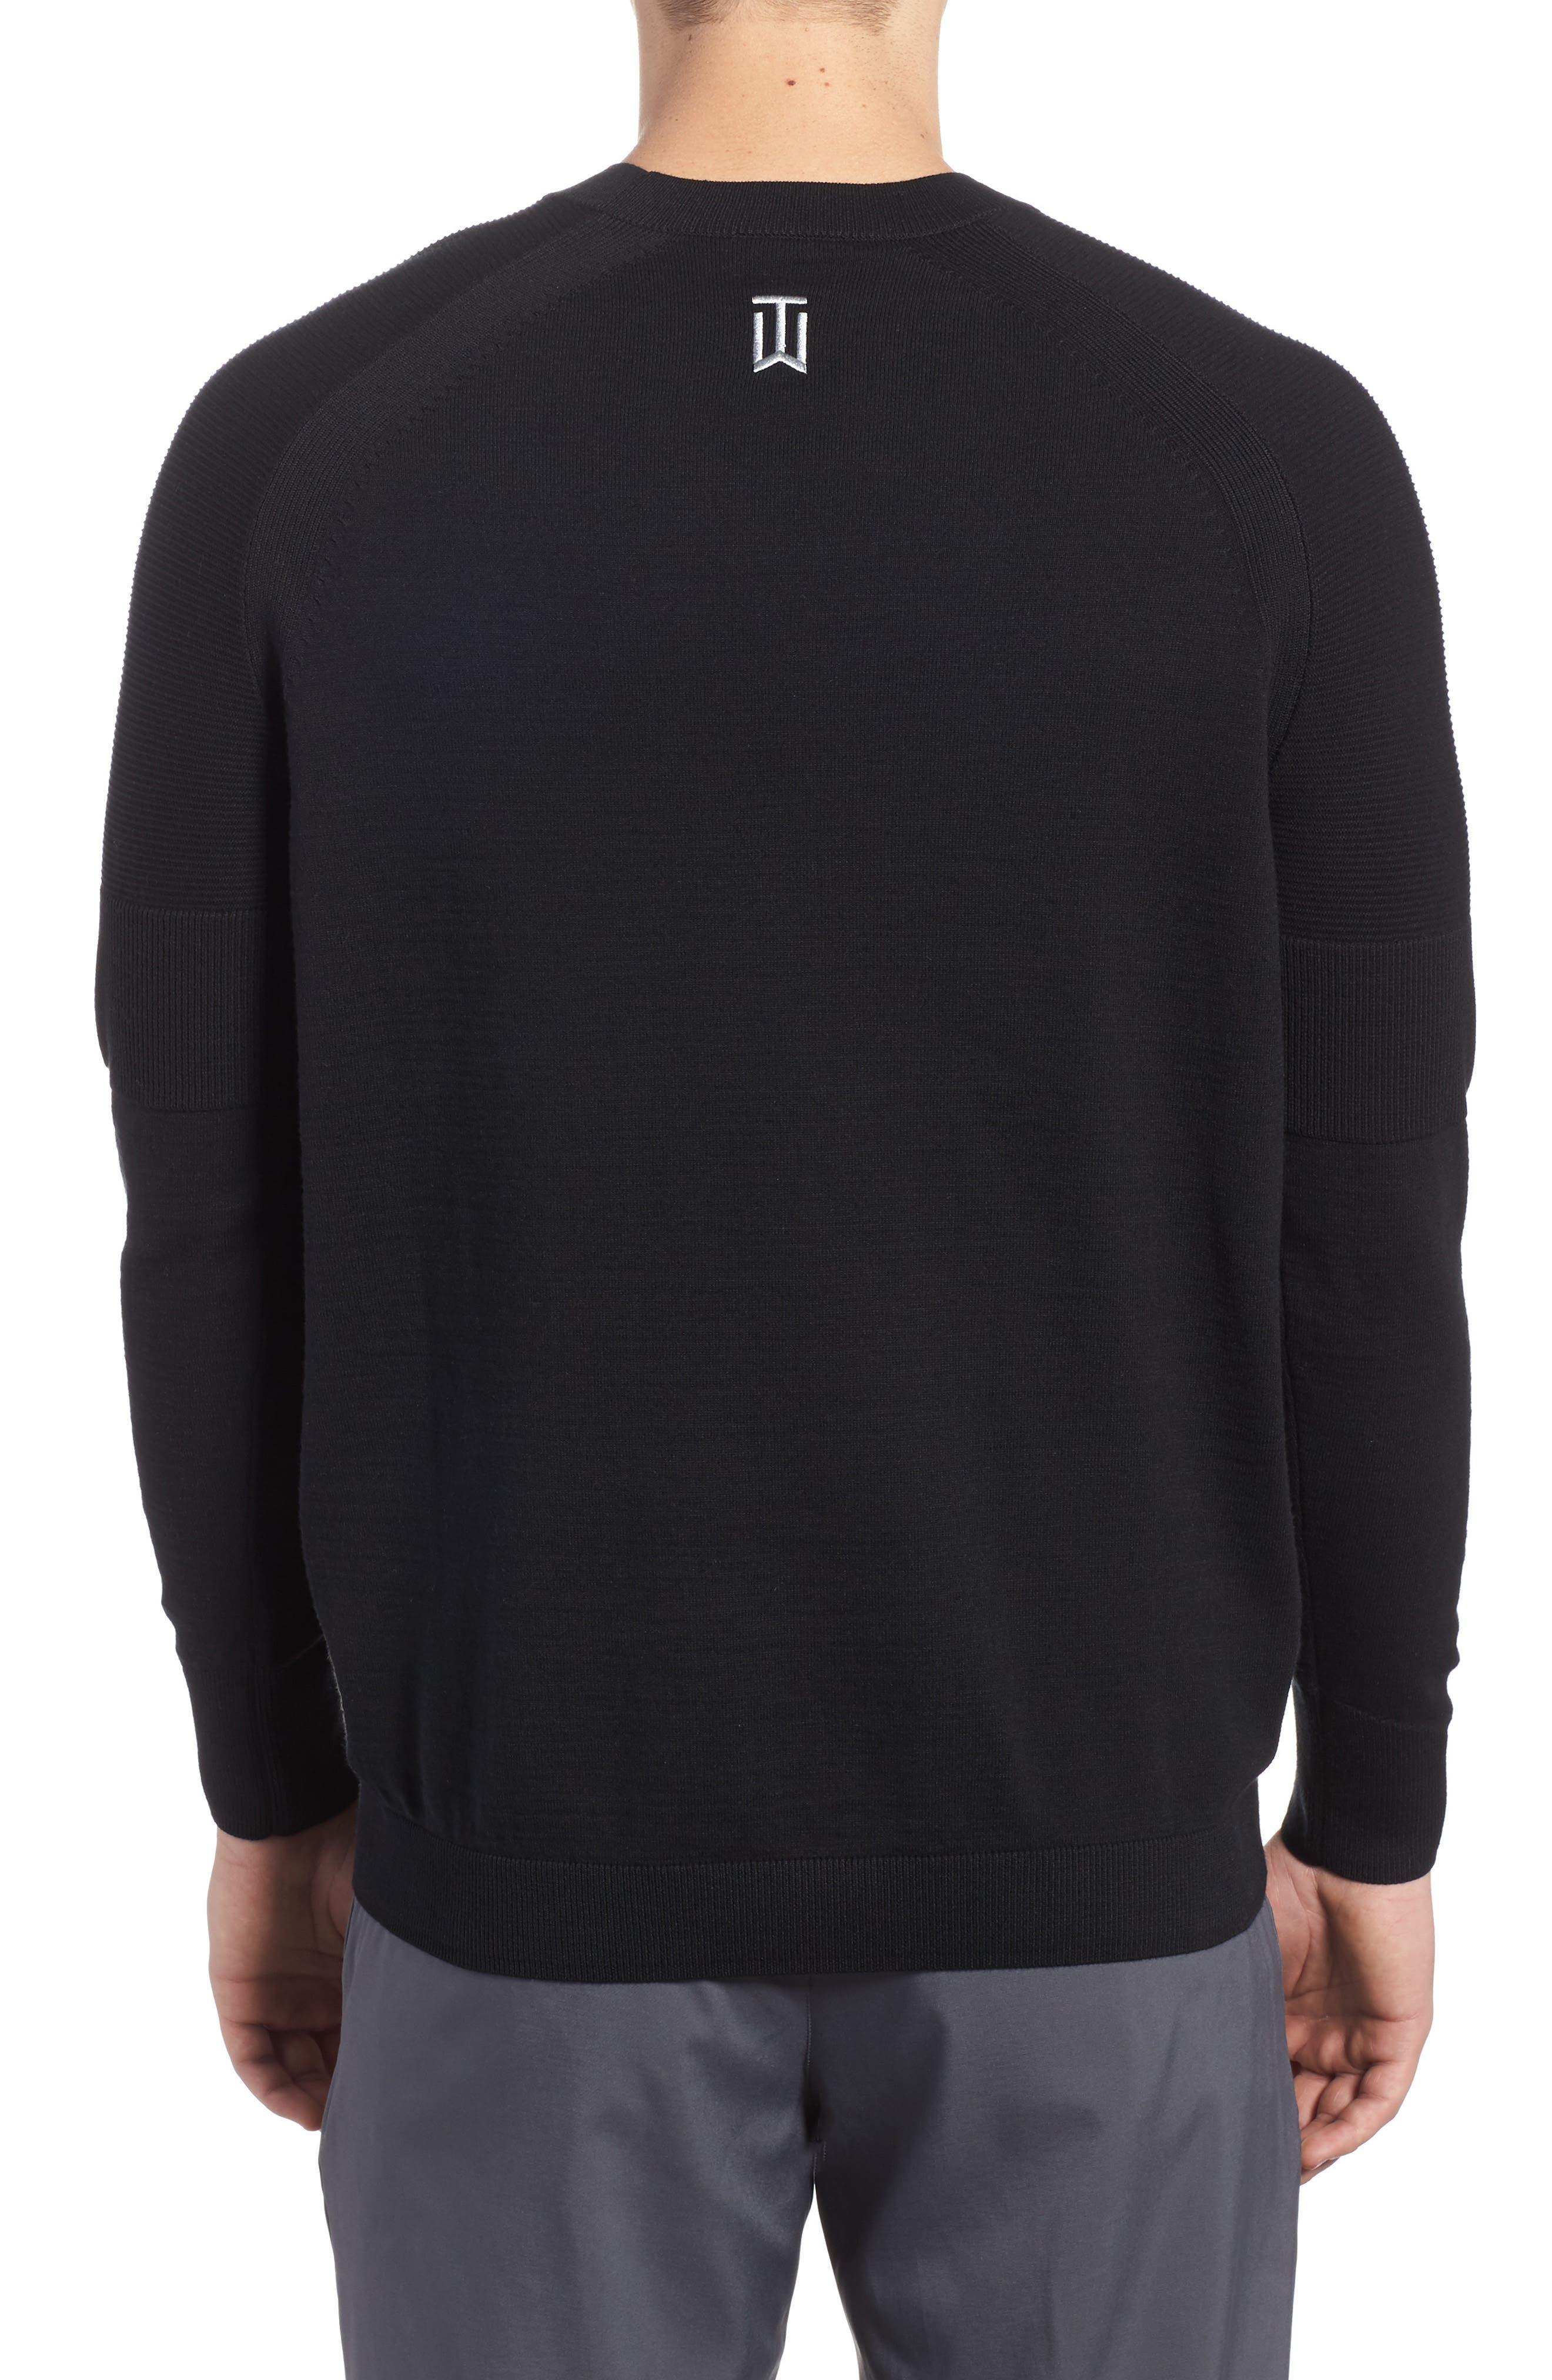 TW Cotton Blend Sweatshirt,                             Alternate thumbnail 2, color,                             Black/ Black